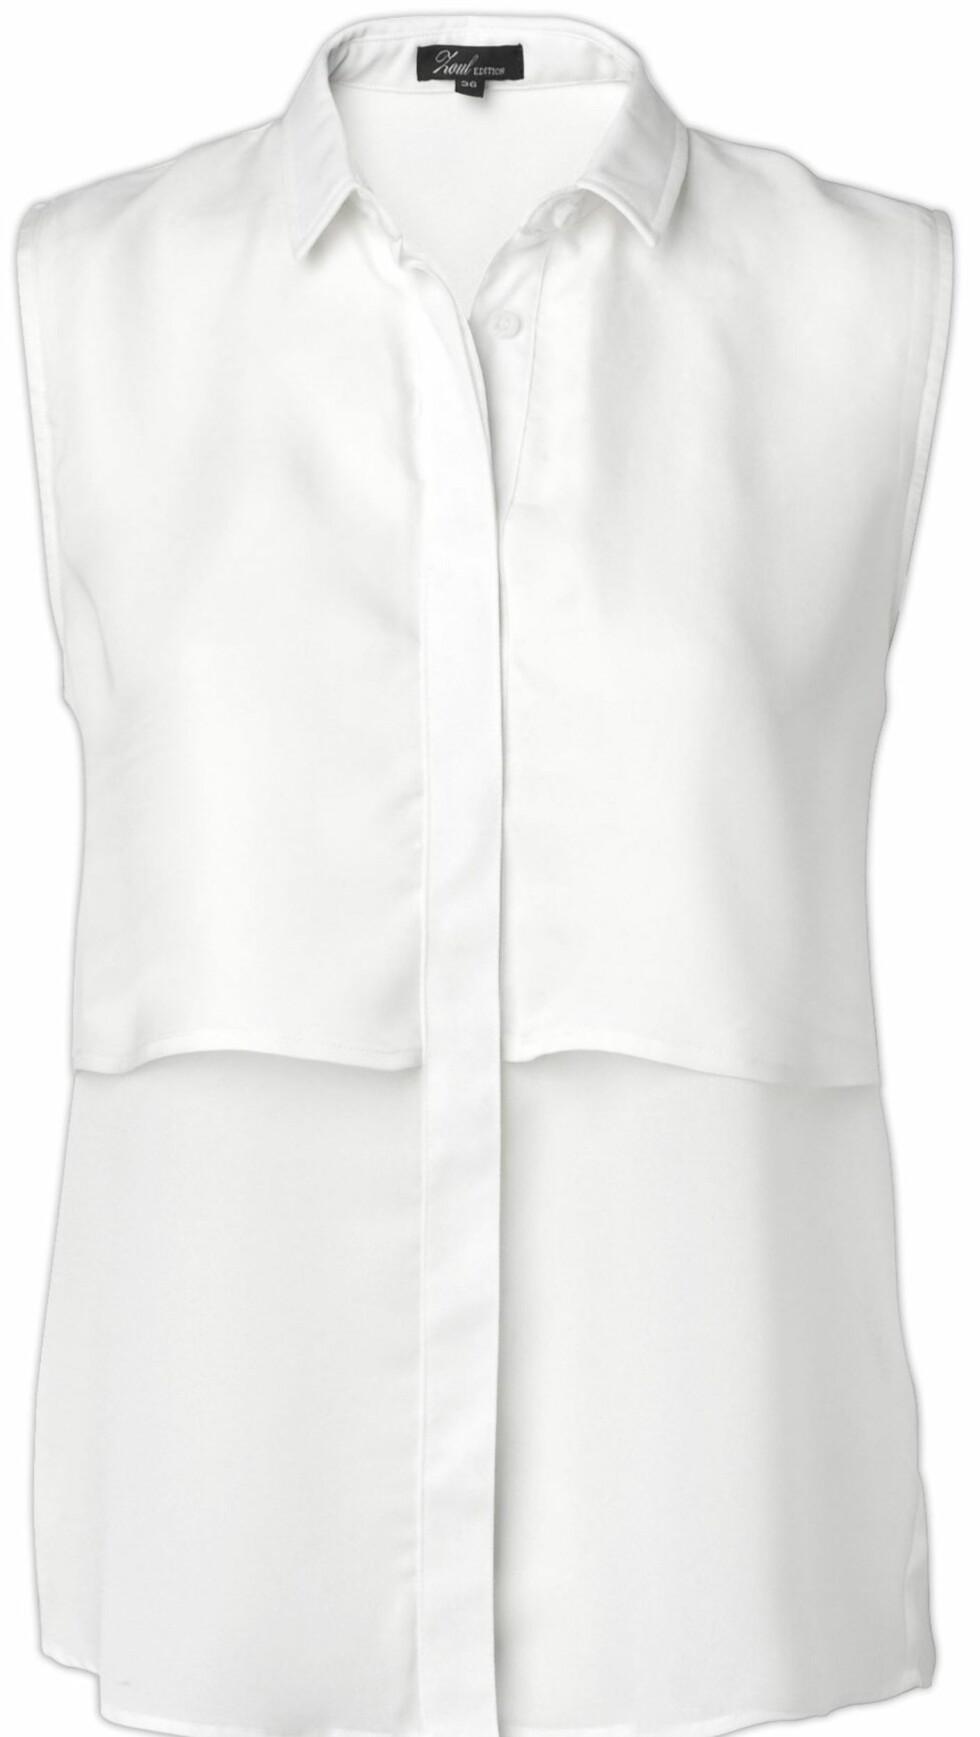 Ermeløs skjorte (kr 400, MQ). Foto: Produsenten